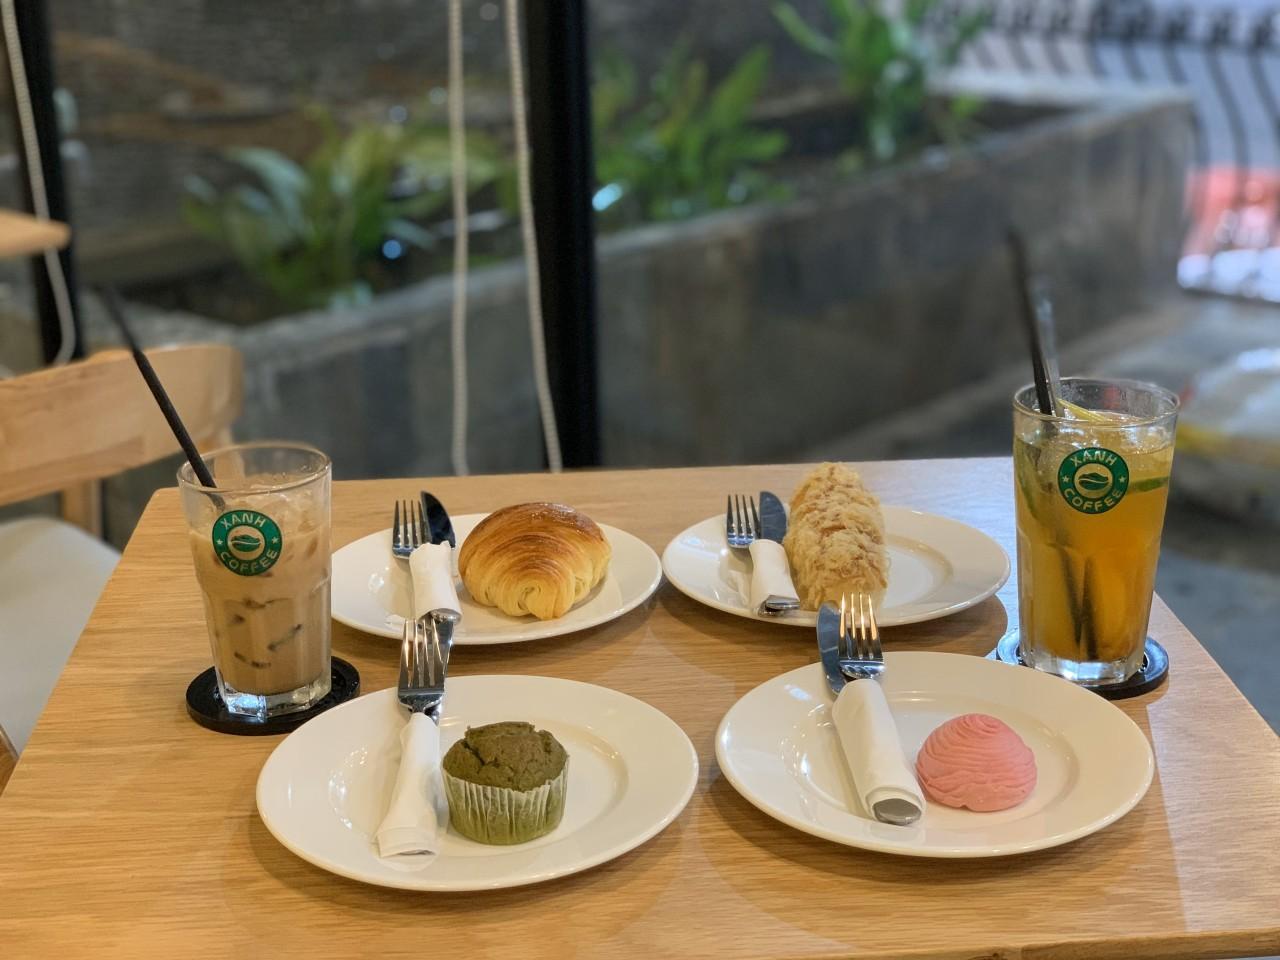 """Xanh Coffee khuấy động ở """"khu phố cà phê"""" Sài Gòn """"hút"""" nhiều nghệ sĩ Việt - Ảnh 5."""